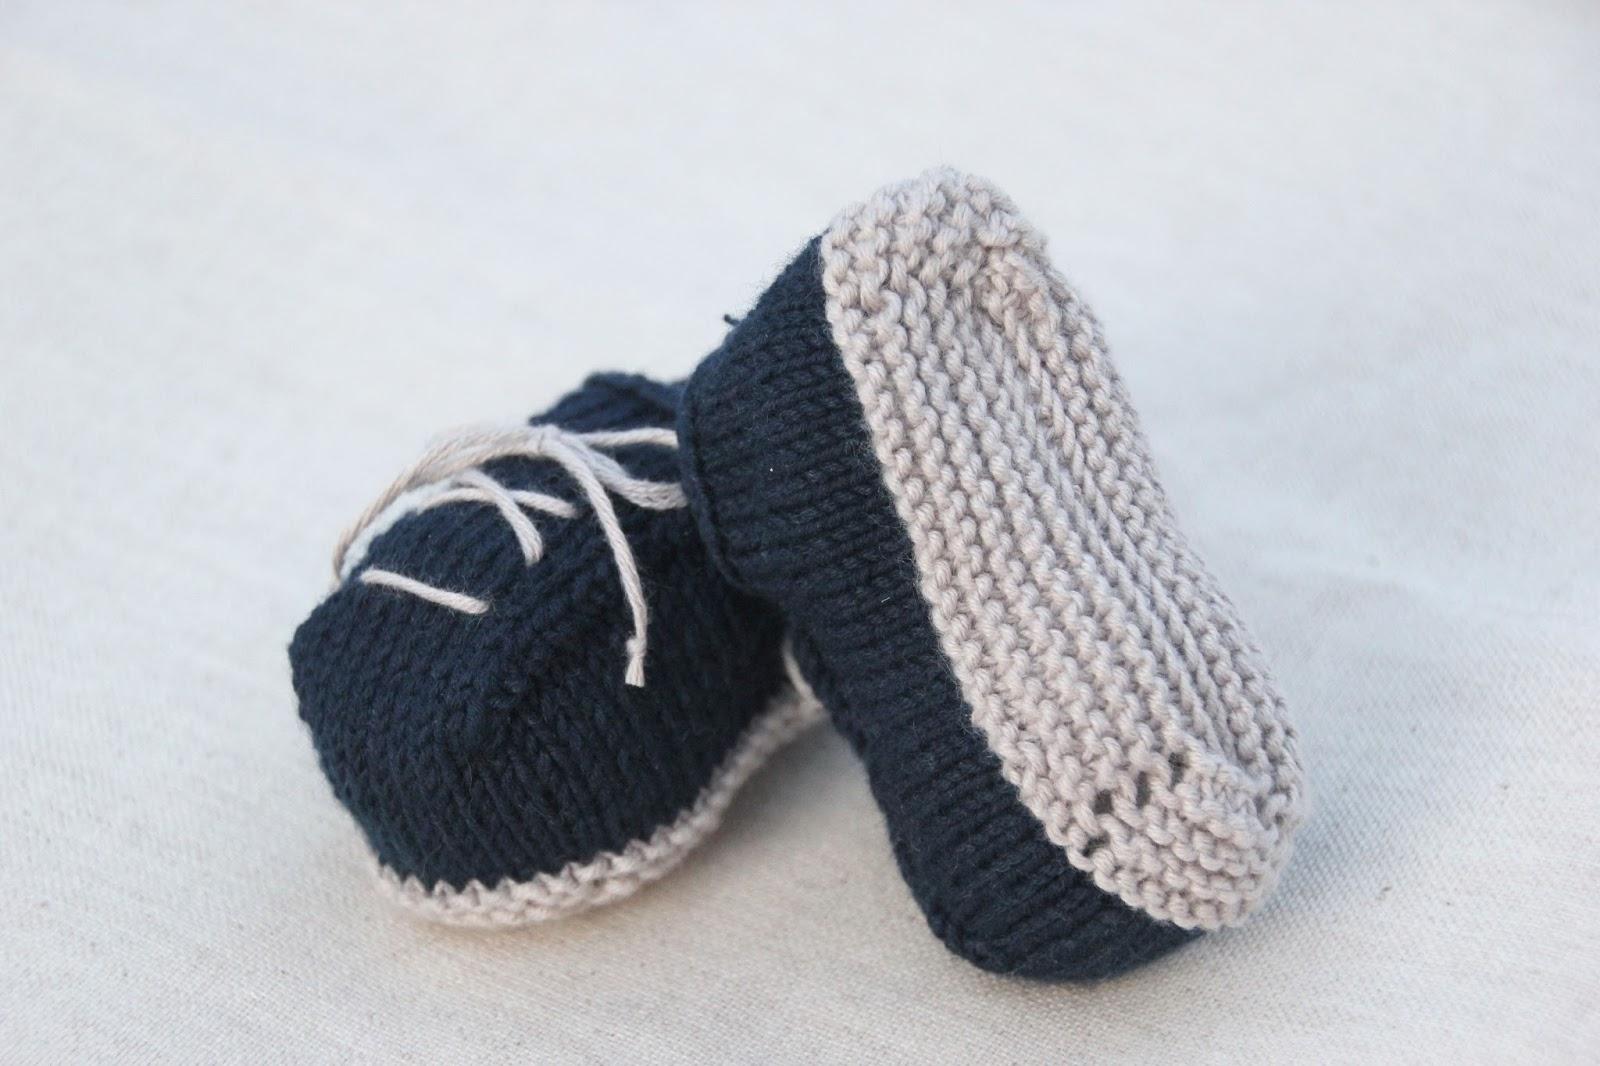 5 Tutoriales DIY para hacer patucos de lana con dos agujas (patrón gratis incluido)